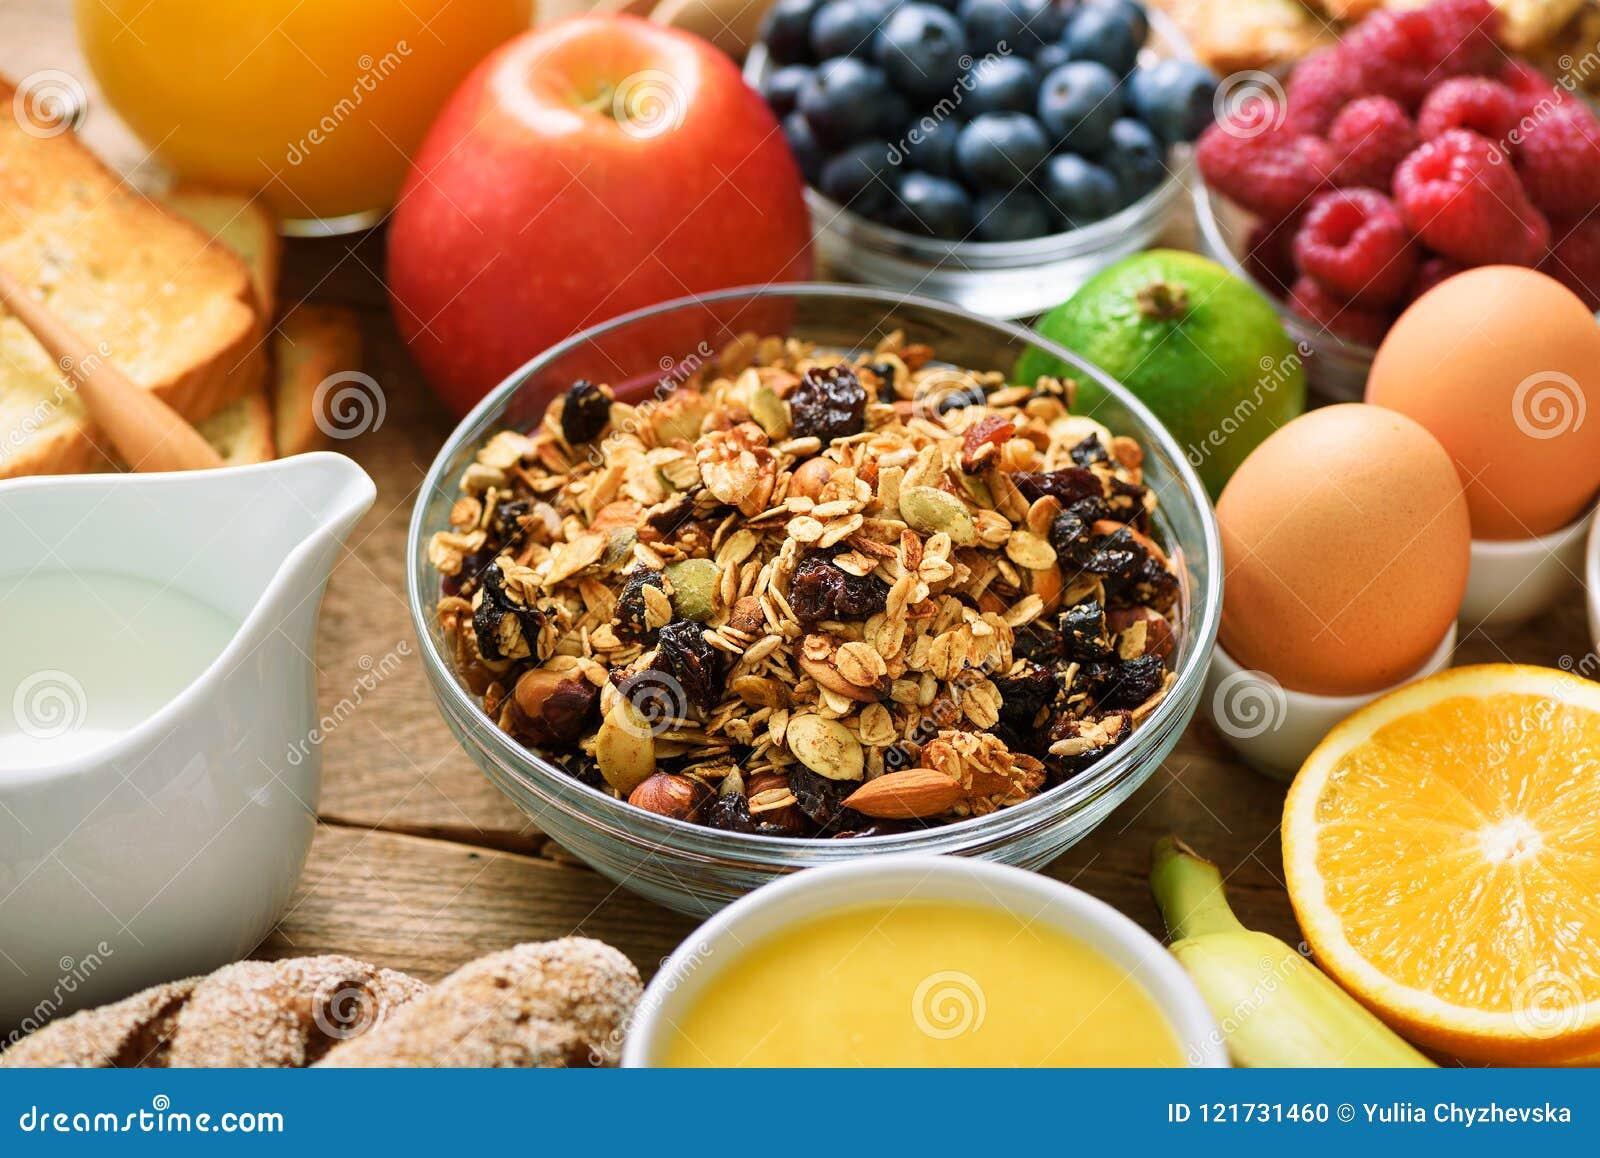 Υγιή συστατικά προγευμάτων, πλαίσιο τροφίμων Granola, αυγό, καρύδια, φρούτα, μούρα, φρυγανιά, γάλα, γιαούρτι, χυμός από πορτοκάλι